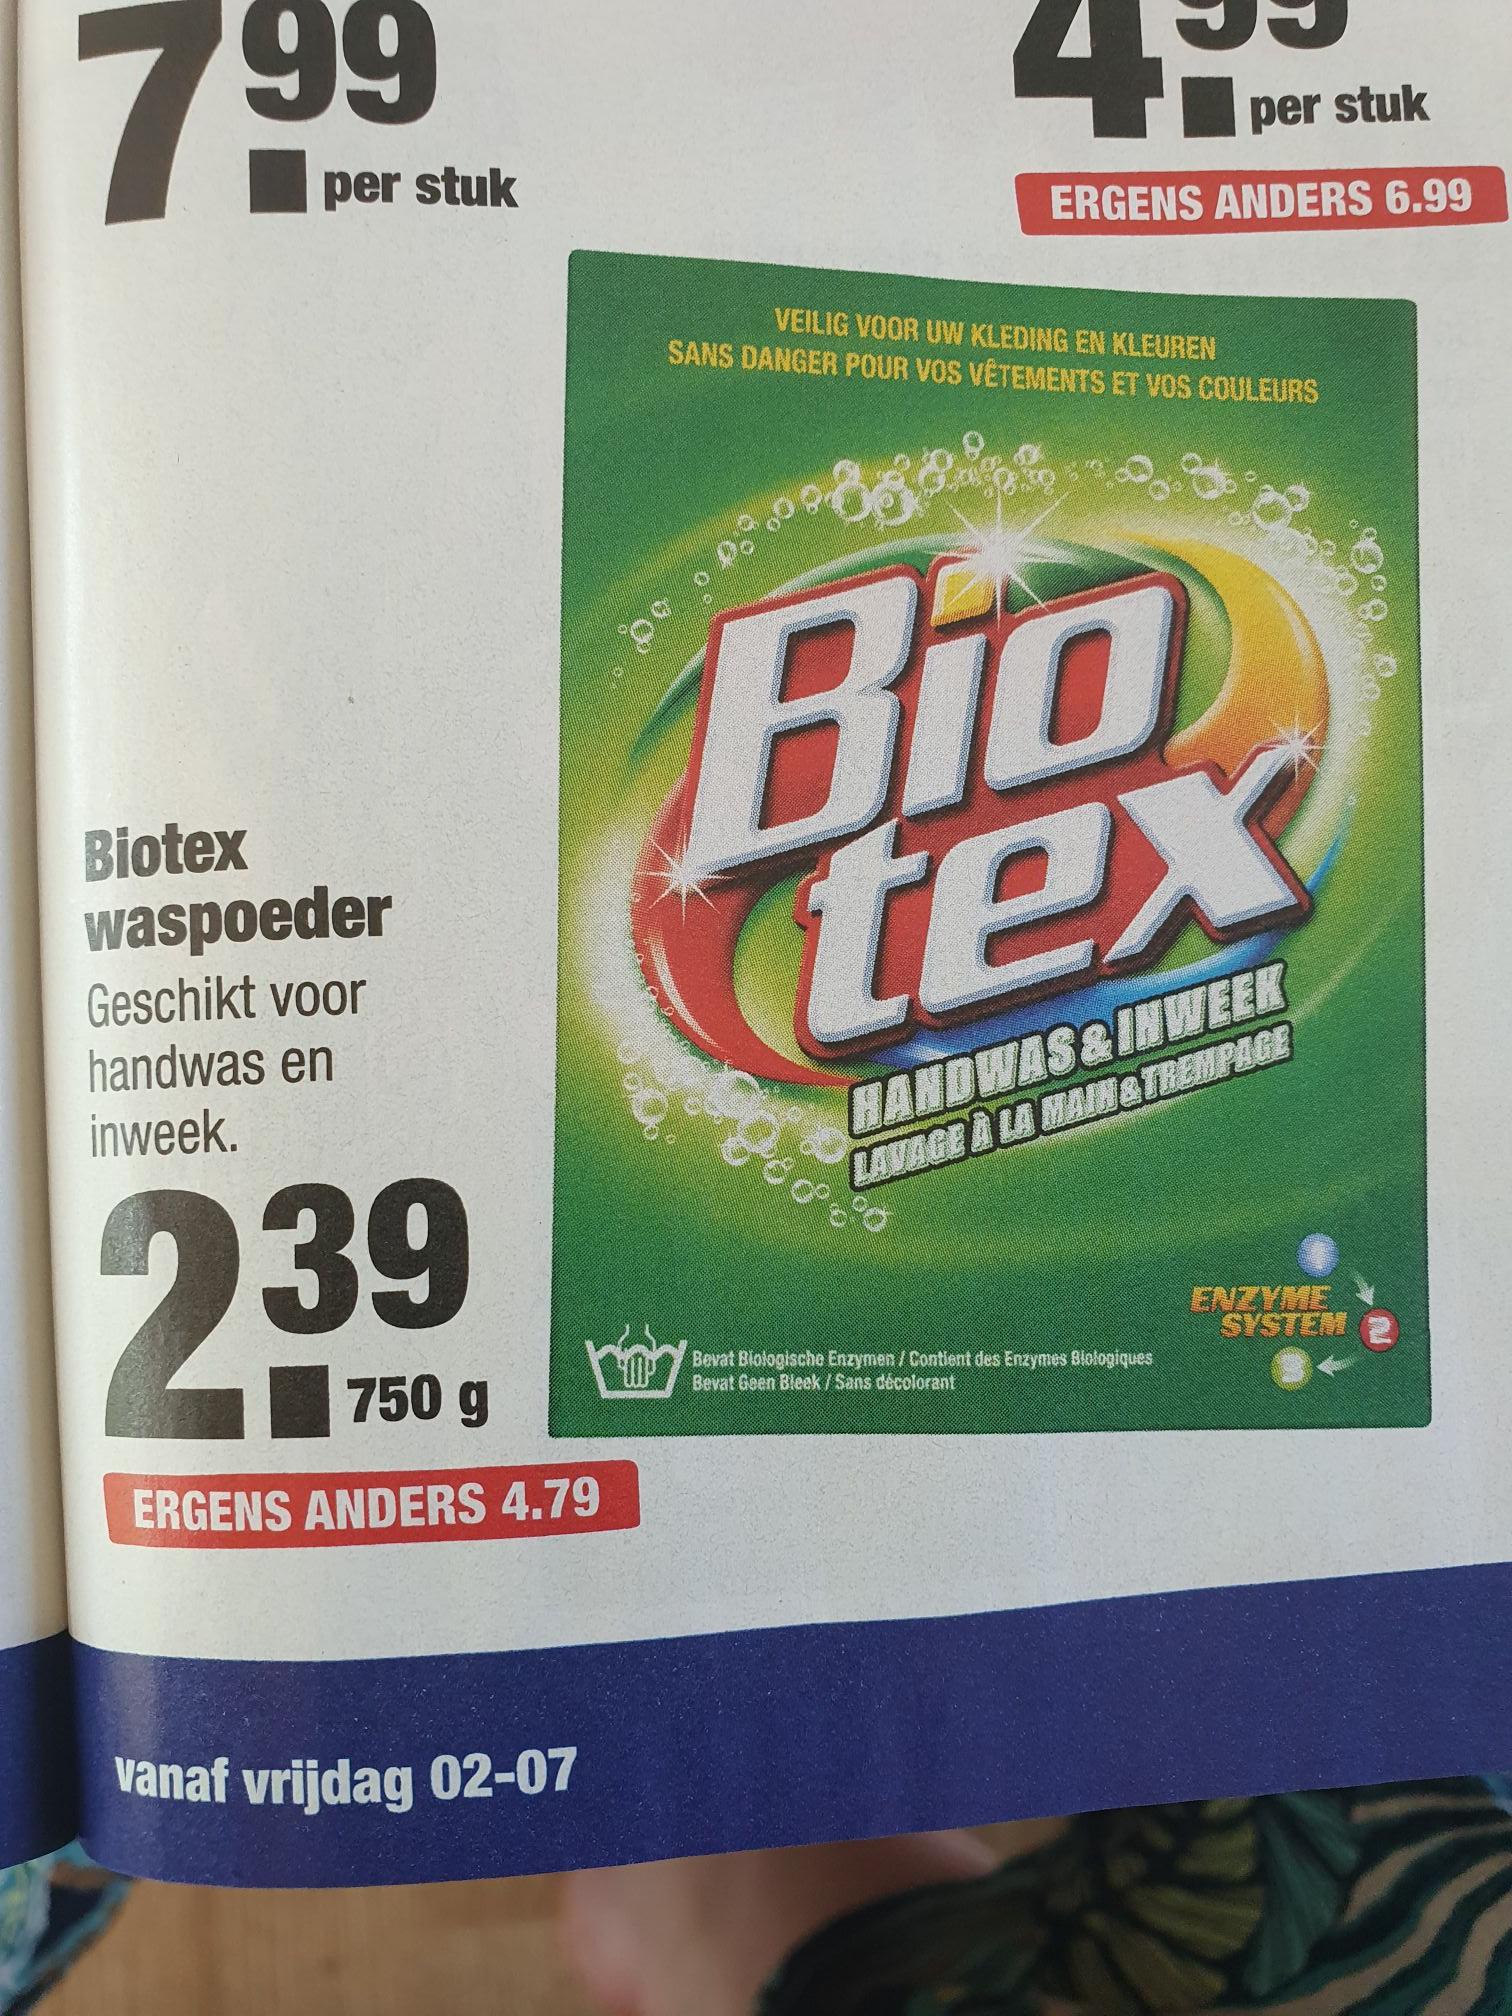 Biotex 2.39 bij de Aldi